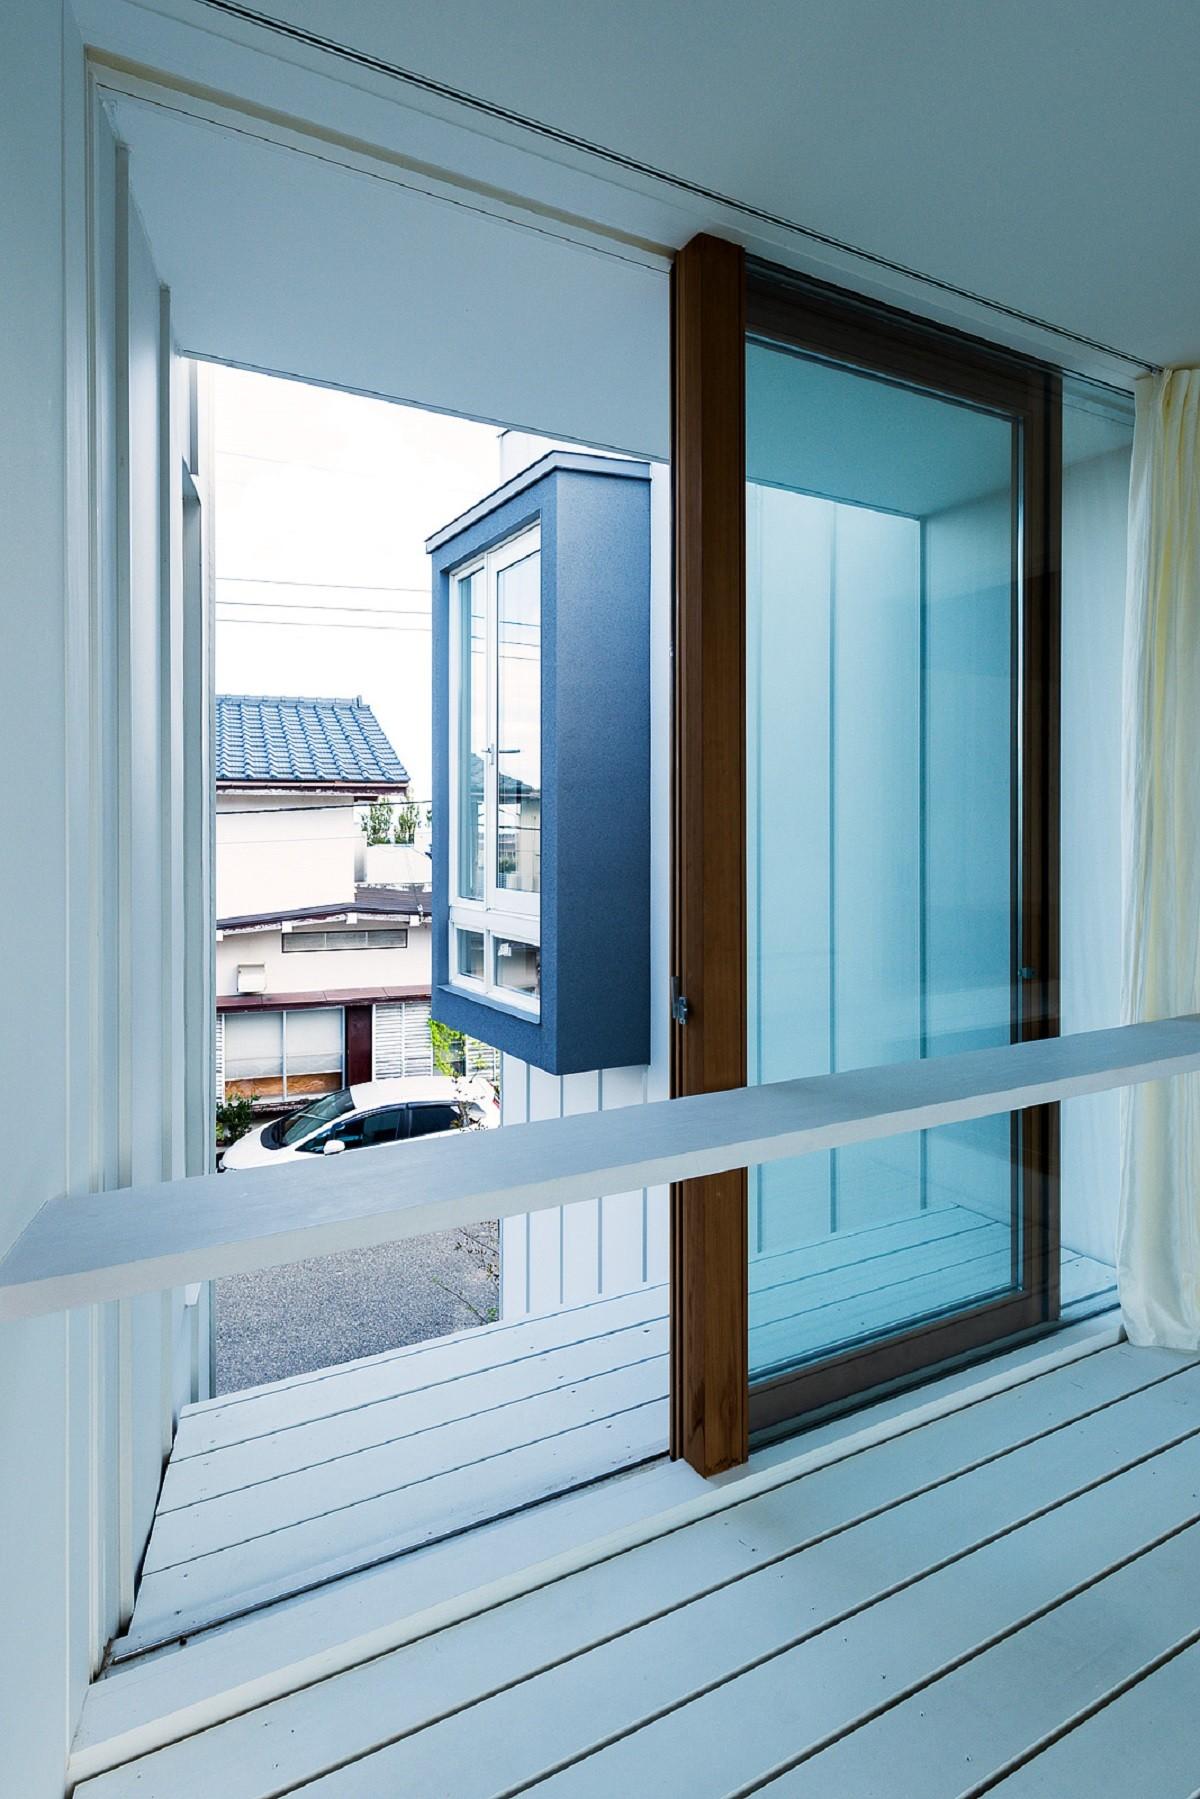 その他事例:窓・木製建具(su house)